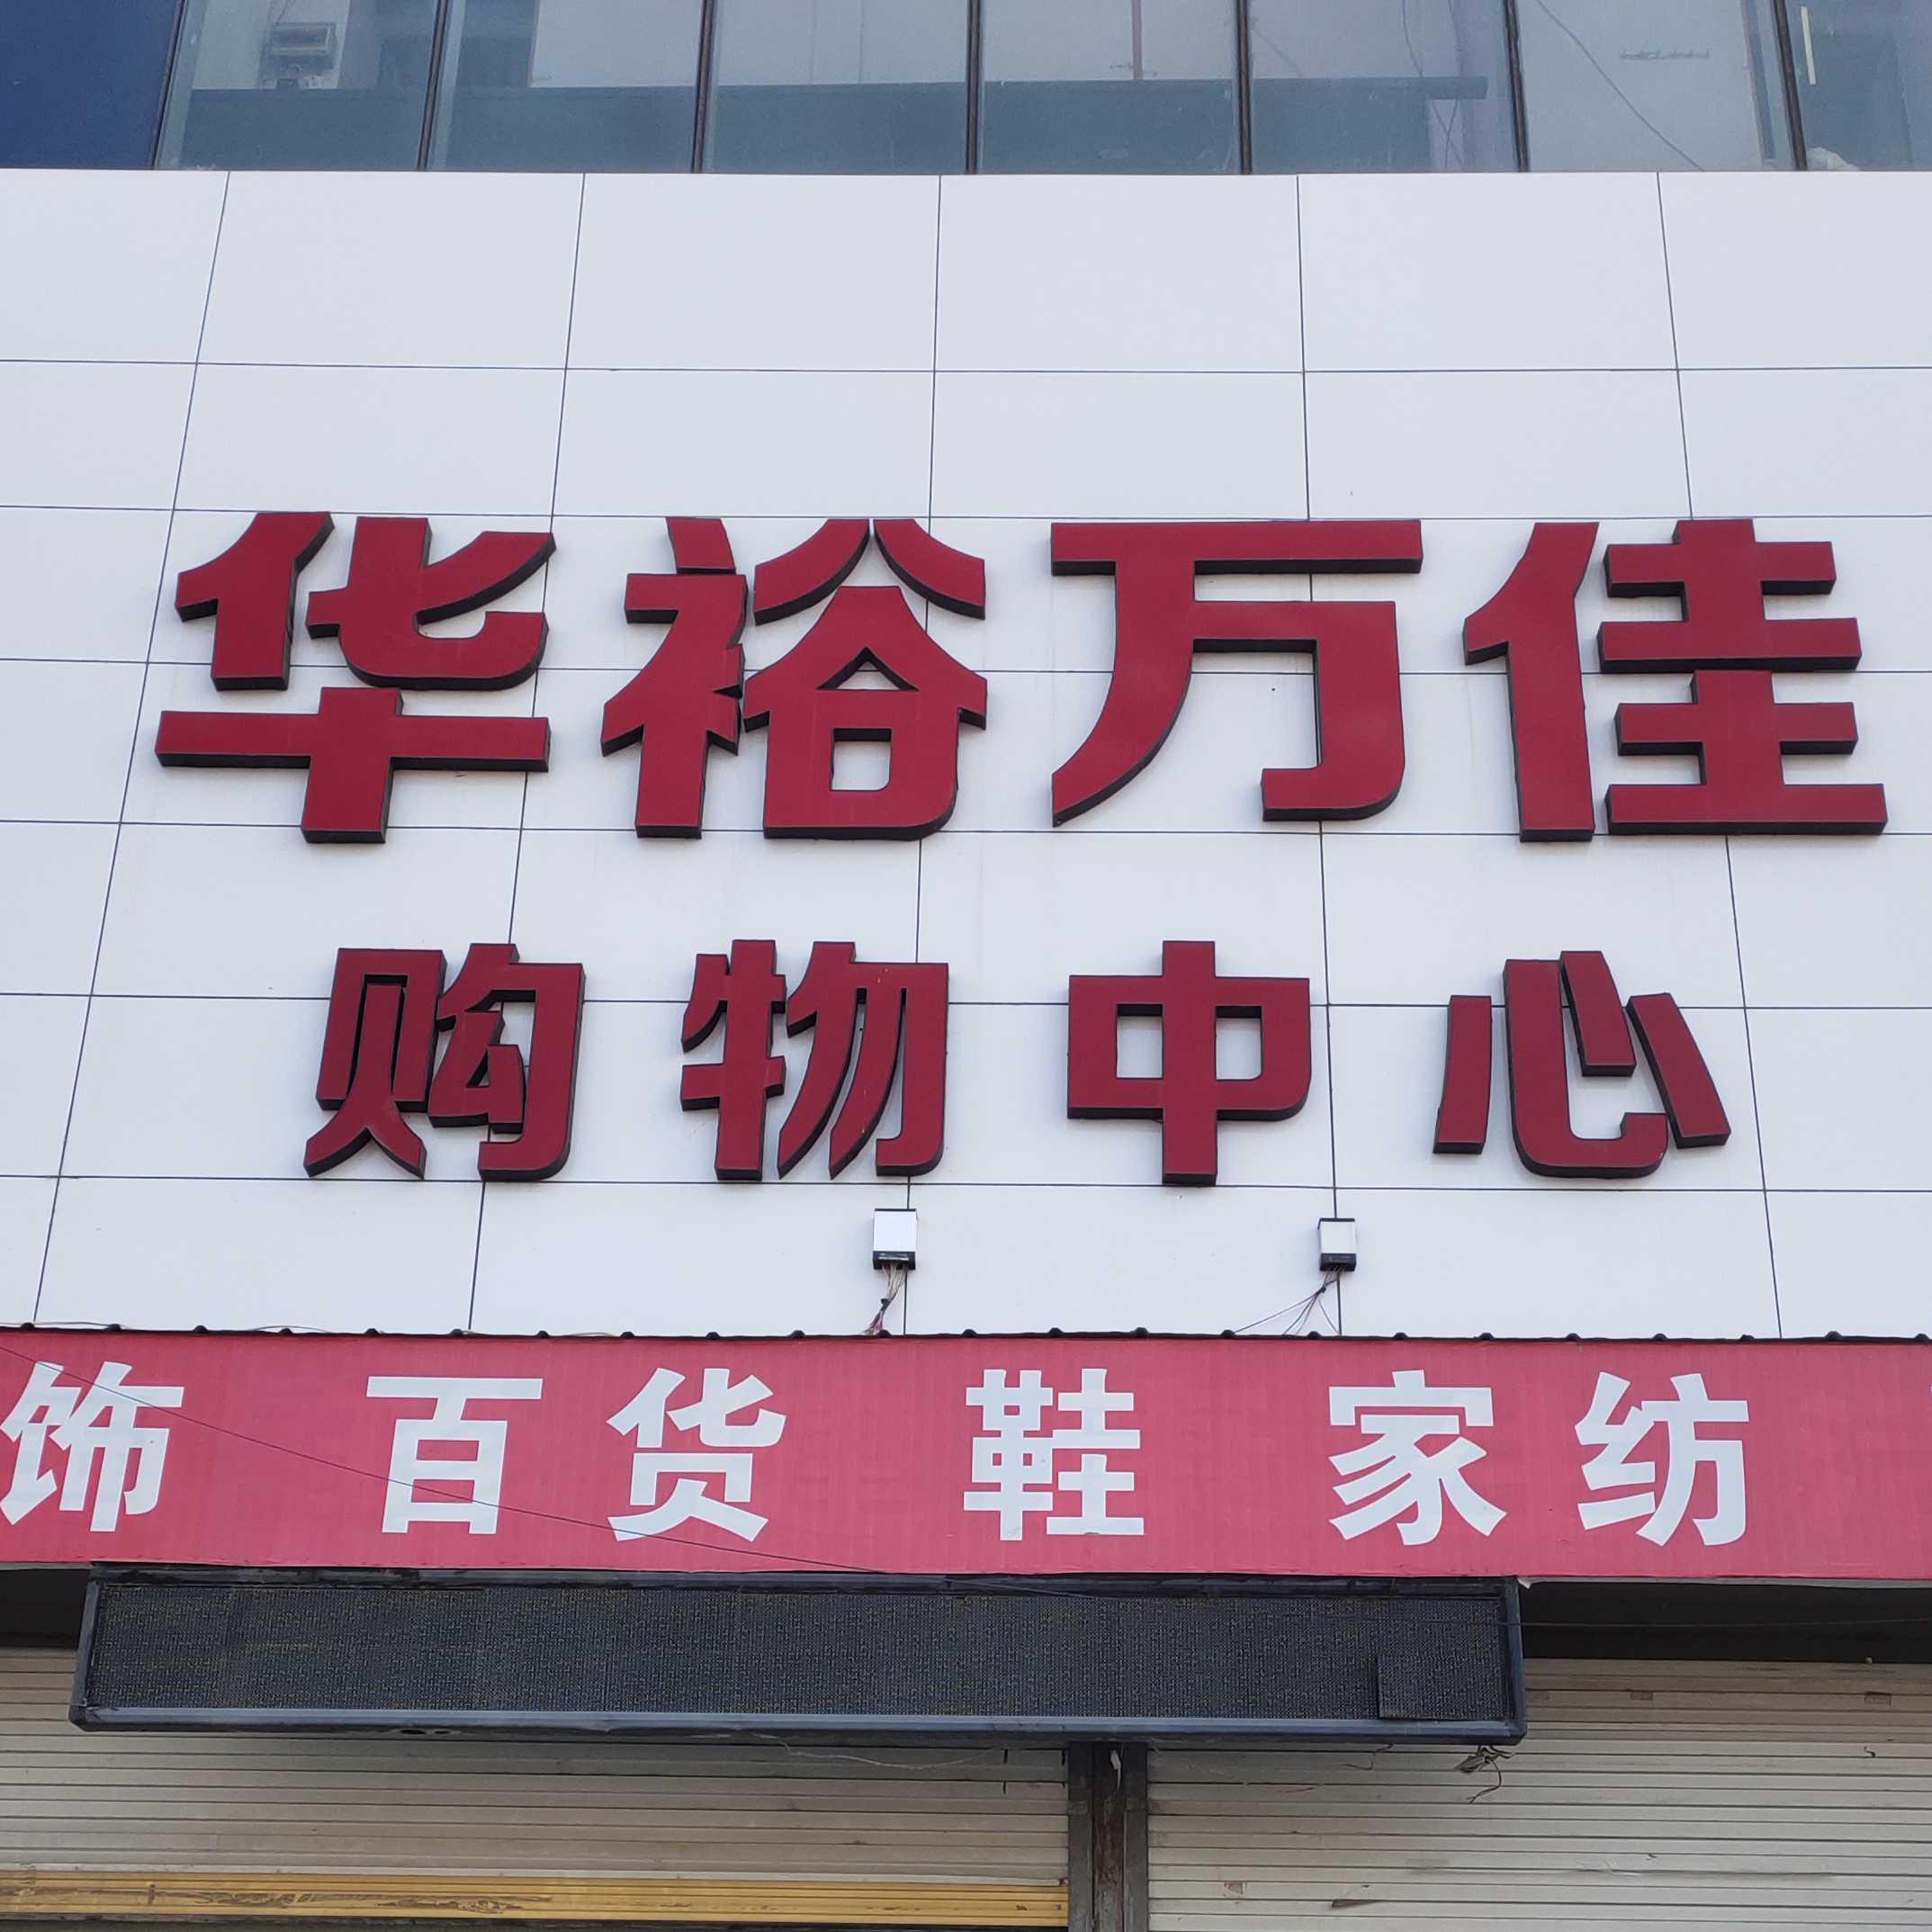 沛县骉腾超市